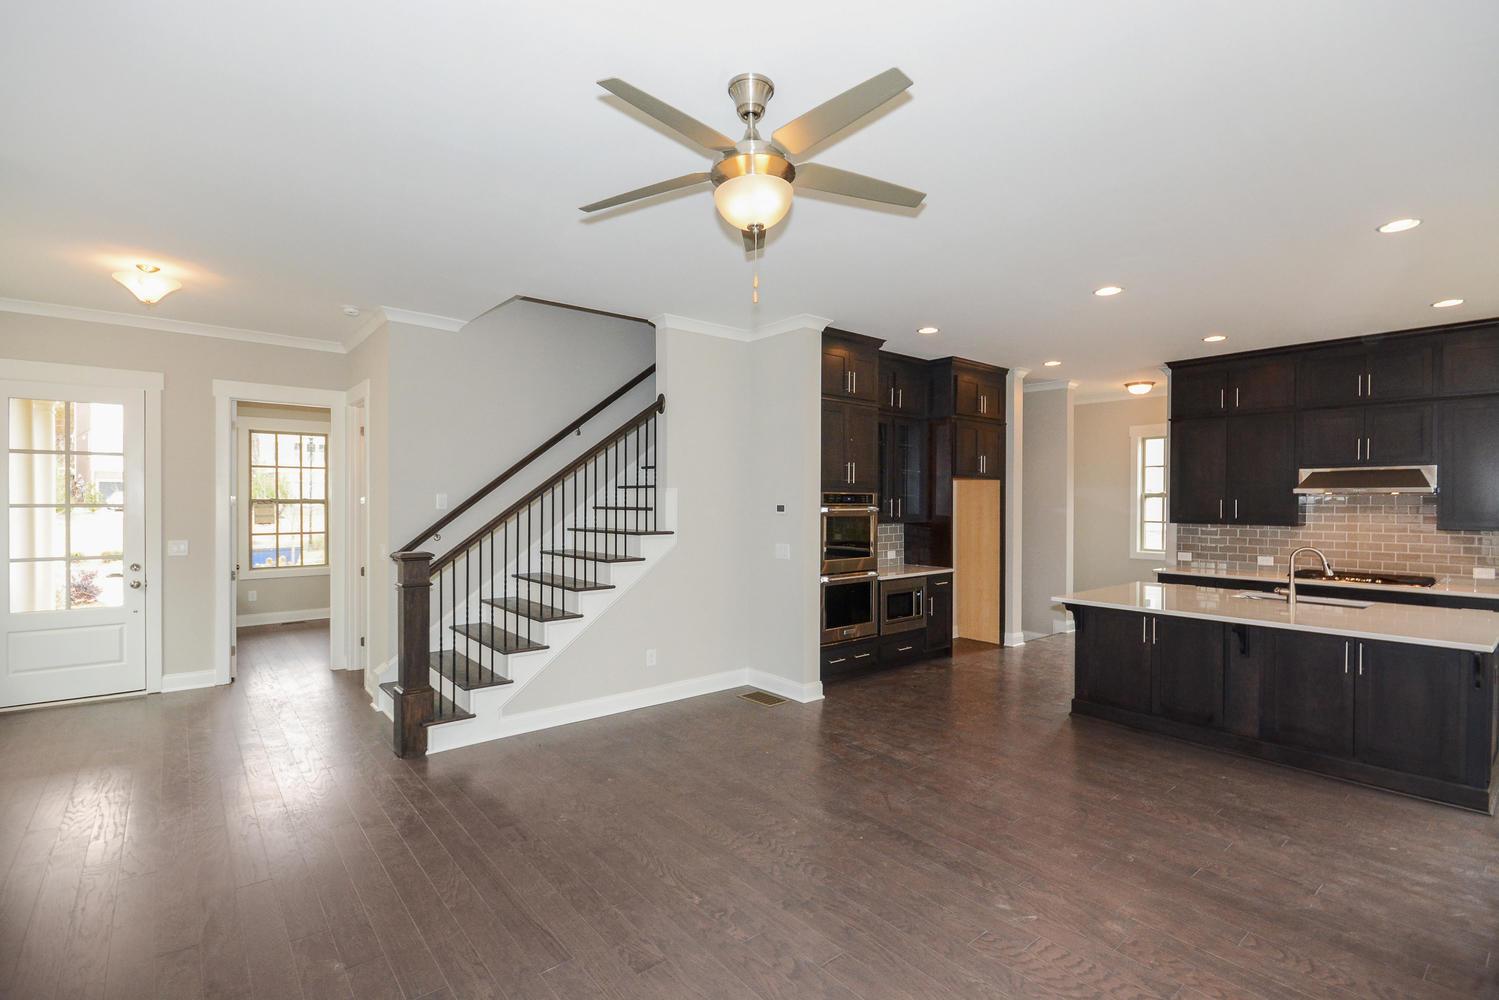 Dunes West Homes For Sale - 2919 Eddy, Mount Pleasant, SC - 19